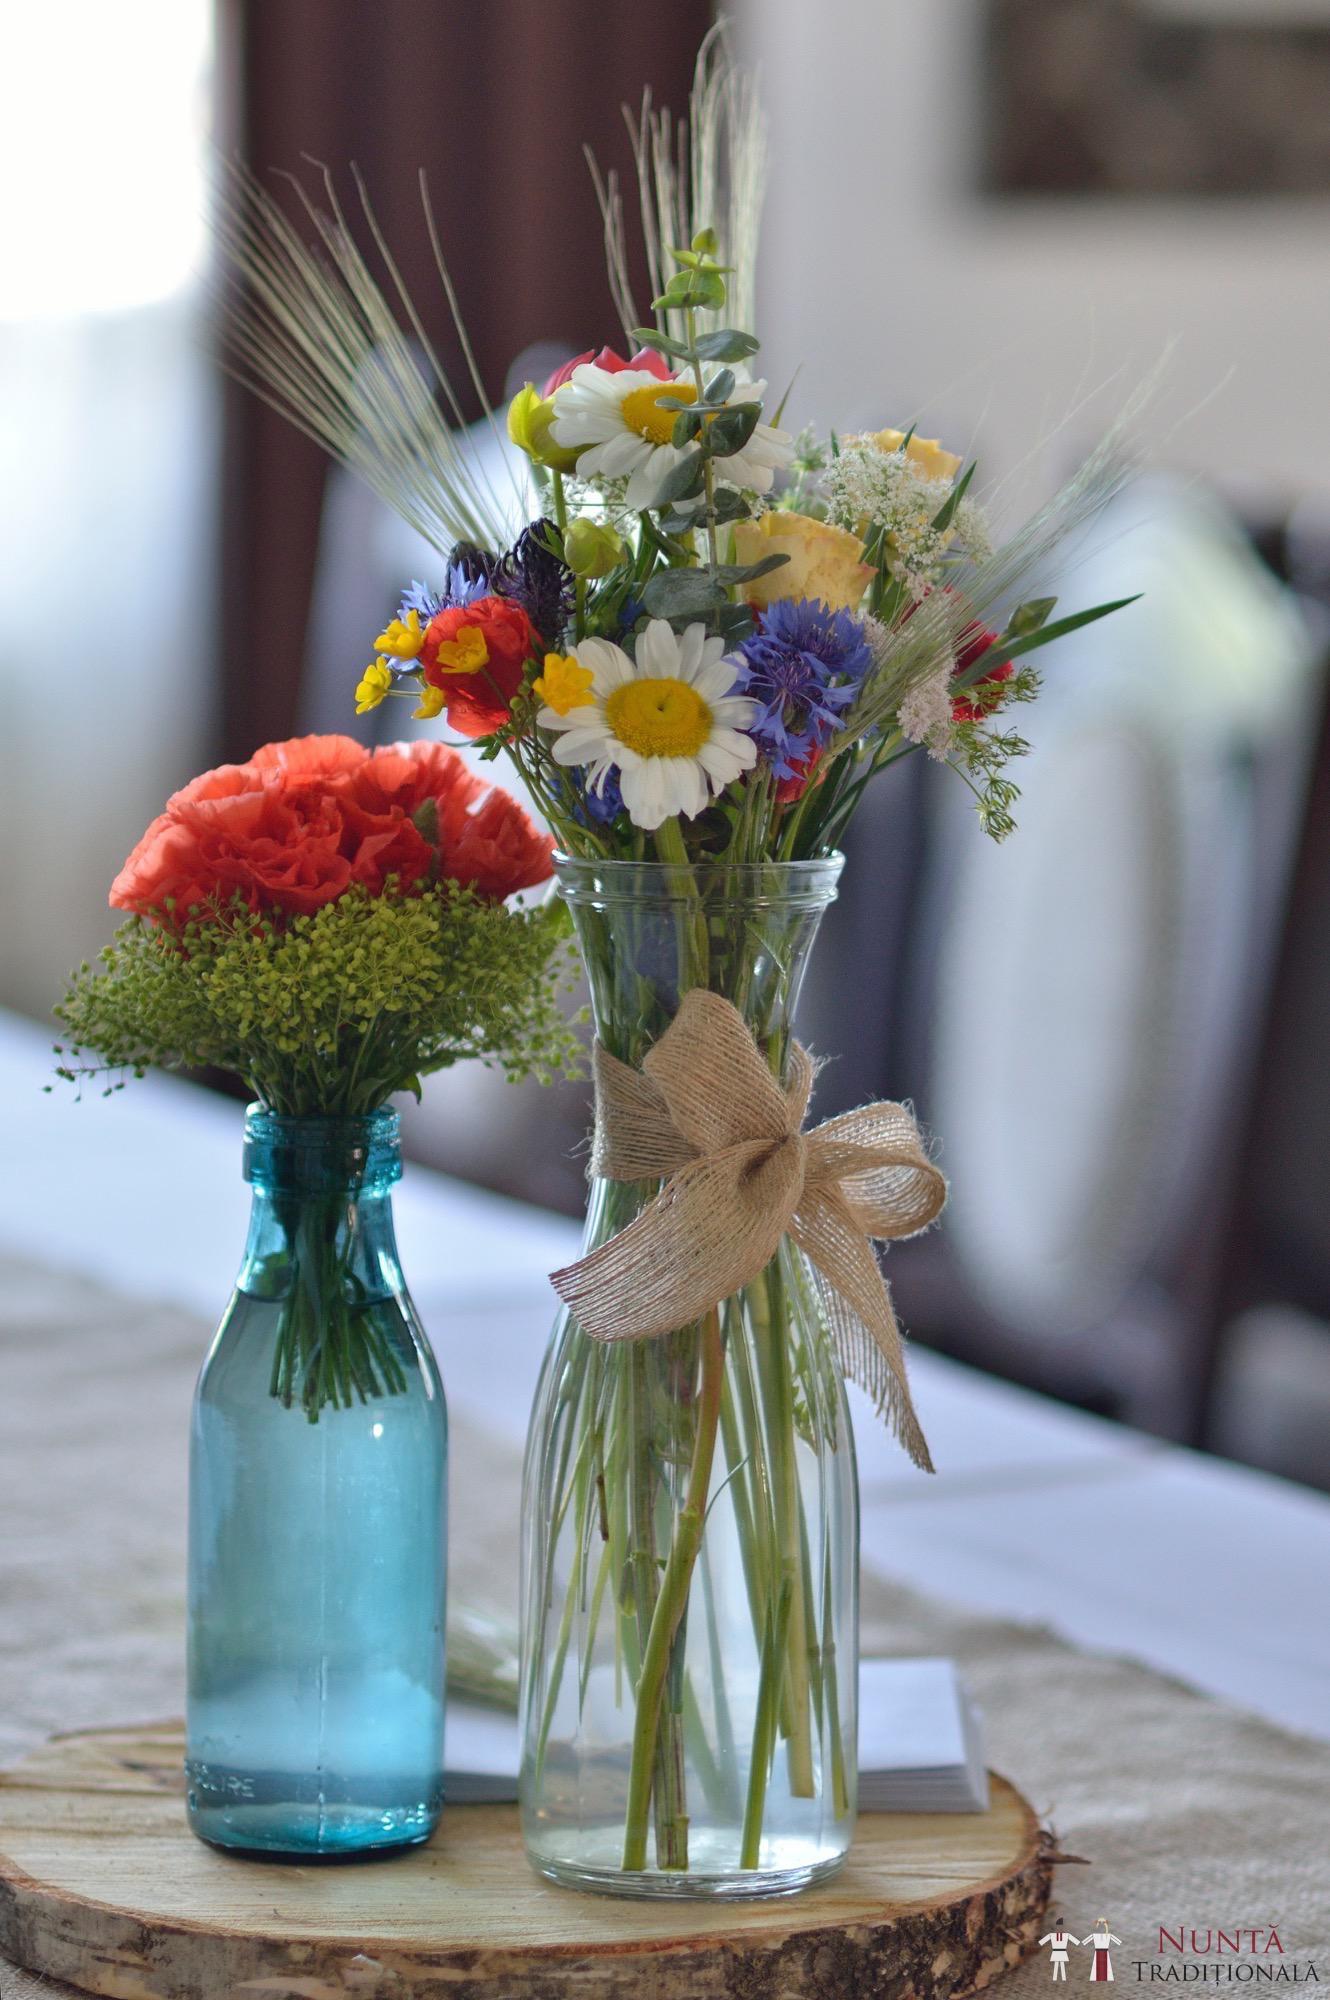 Idei și Sfaturi - Idei decorațiuni și aranjamente florale în stil tradițional 1